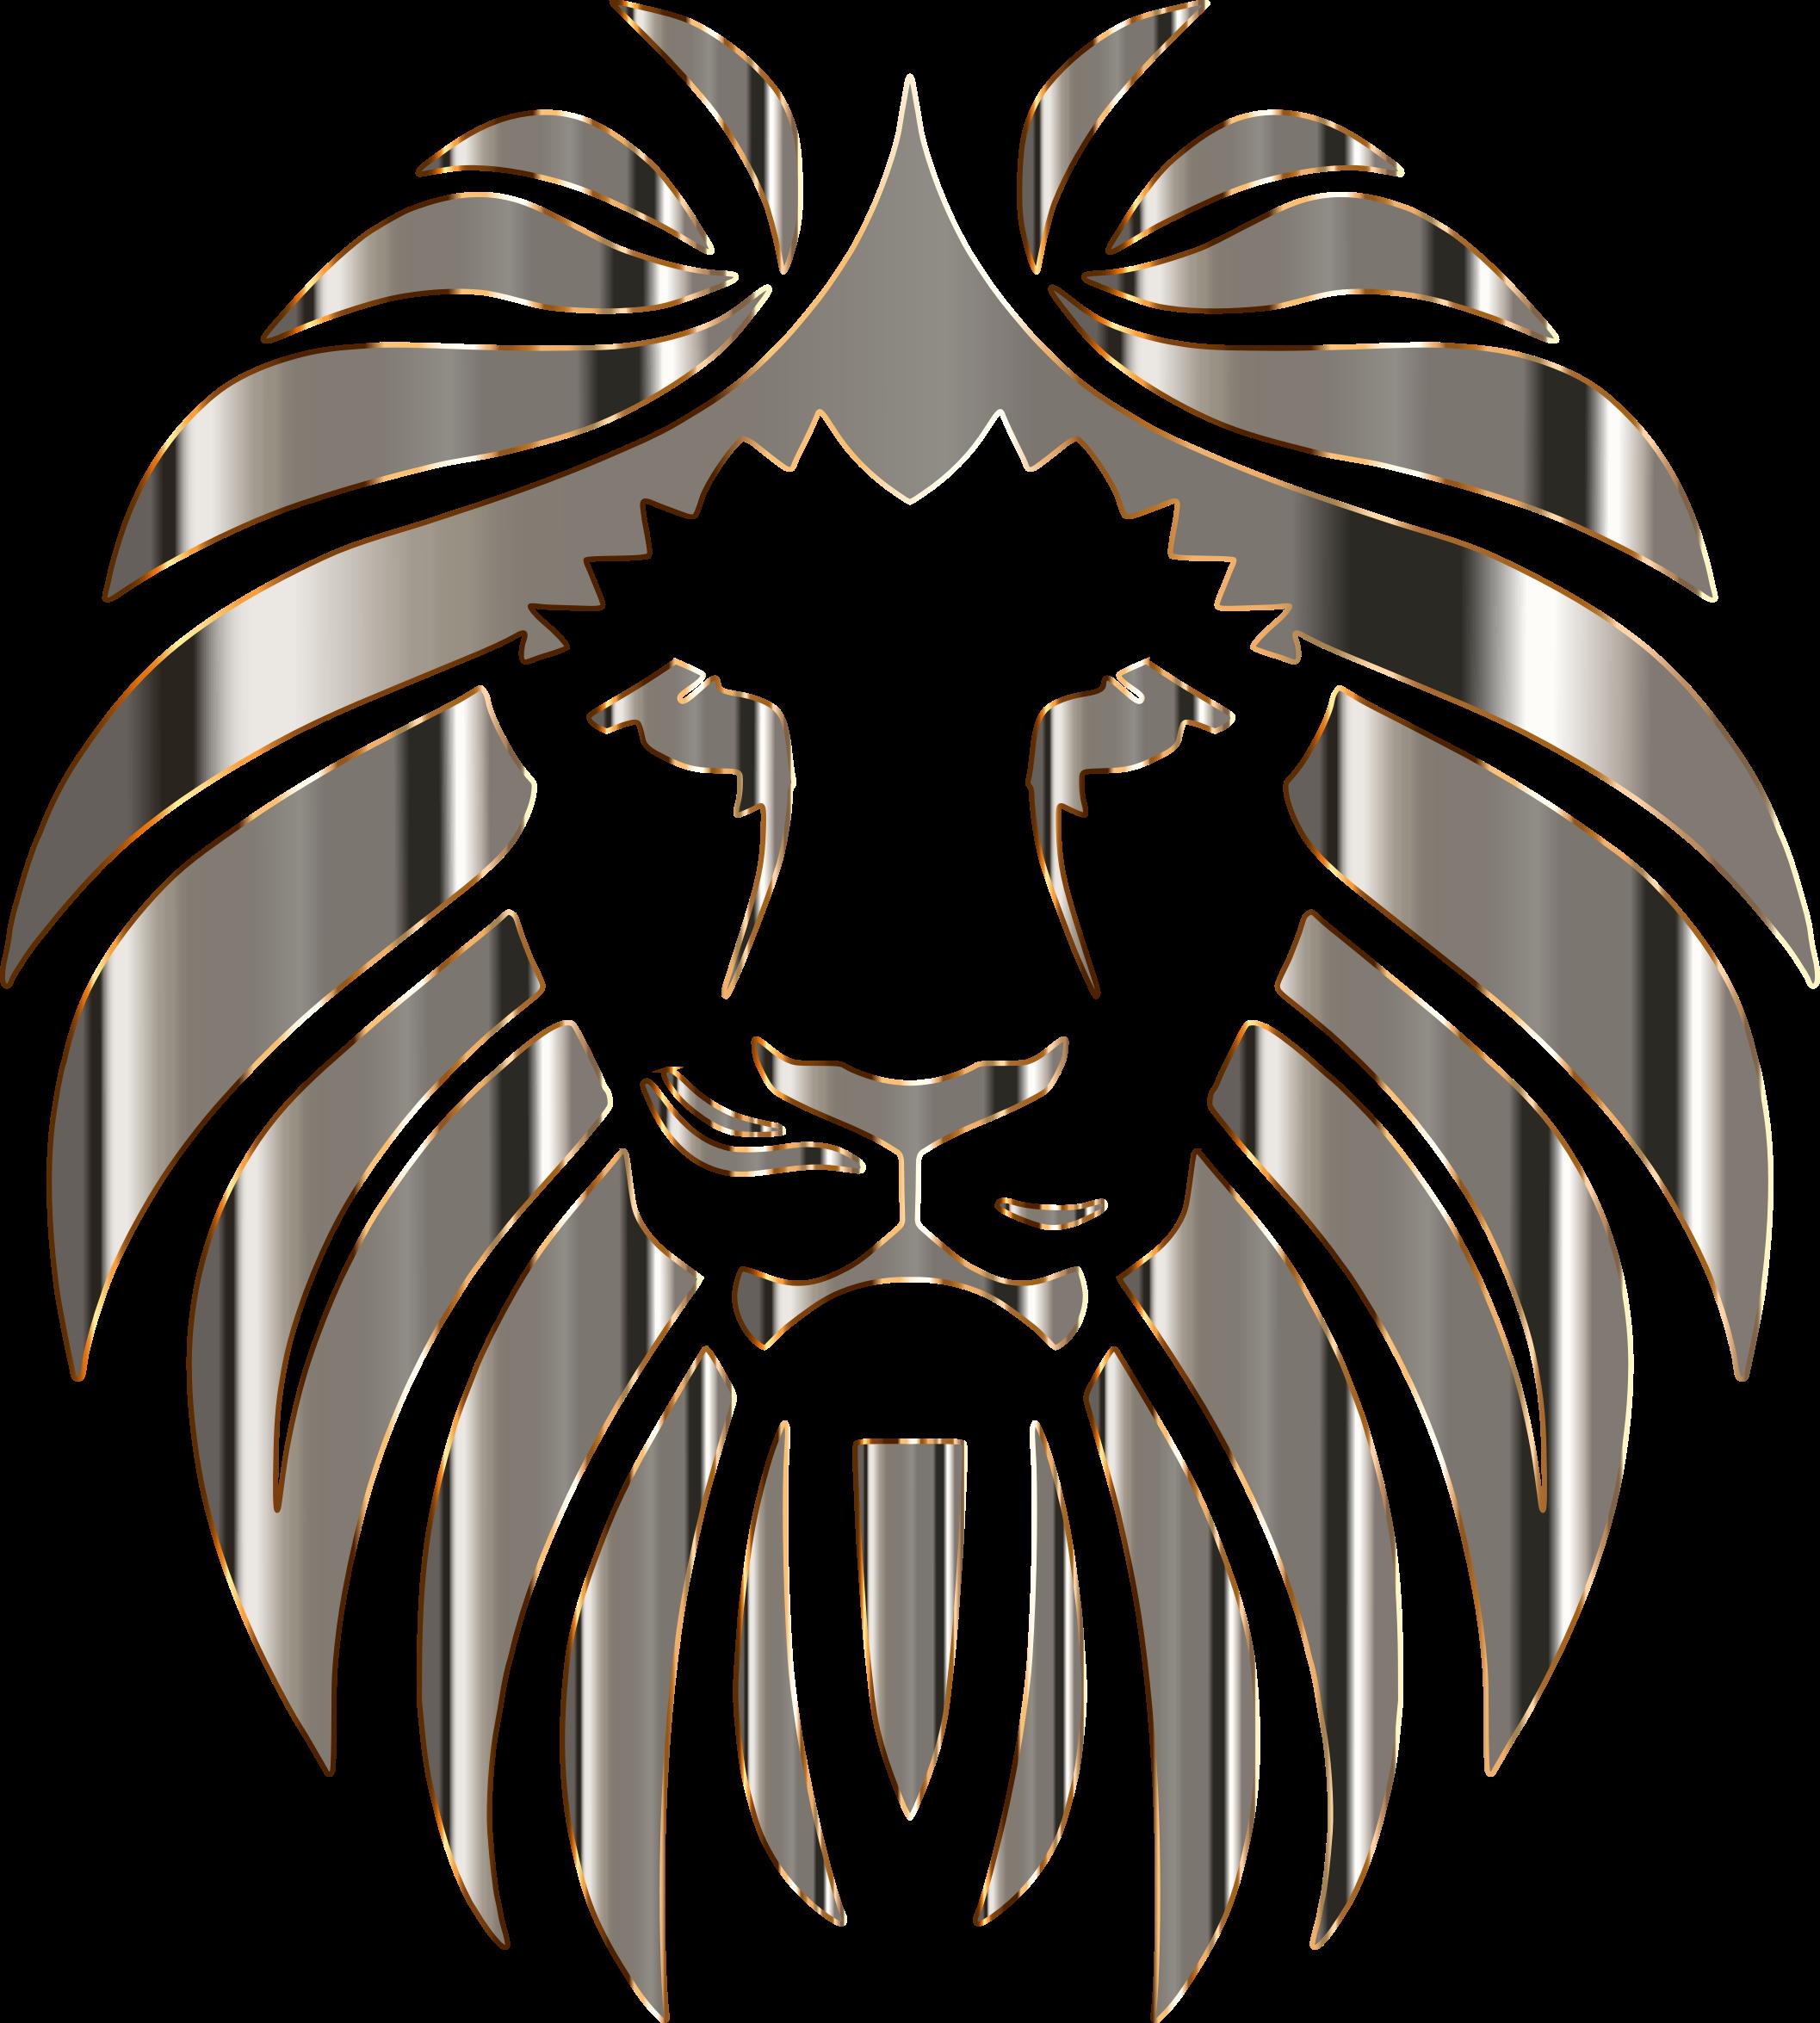 Prismatic no background big. Clipart png lion